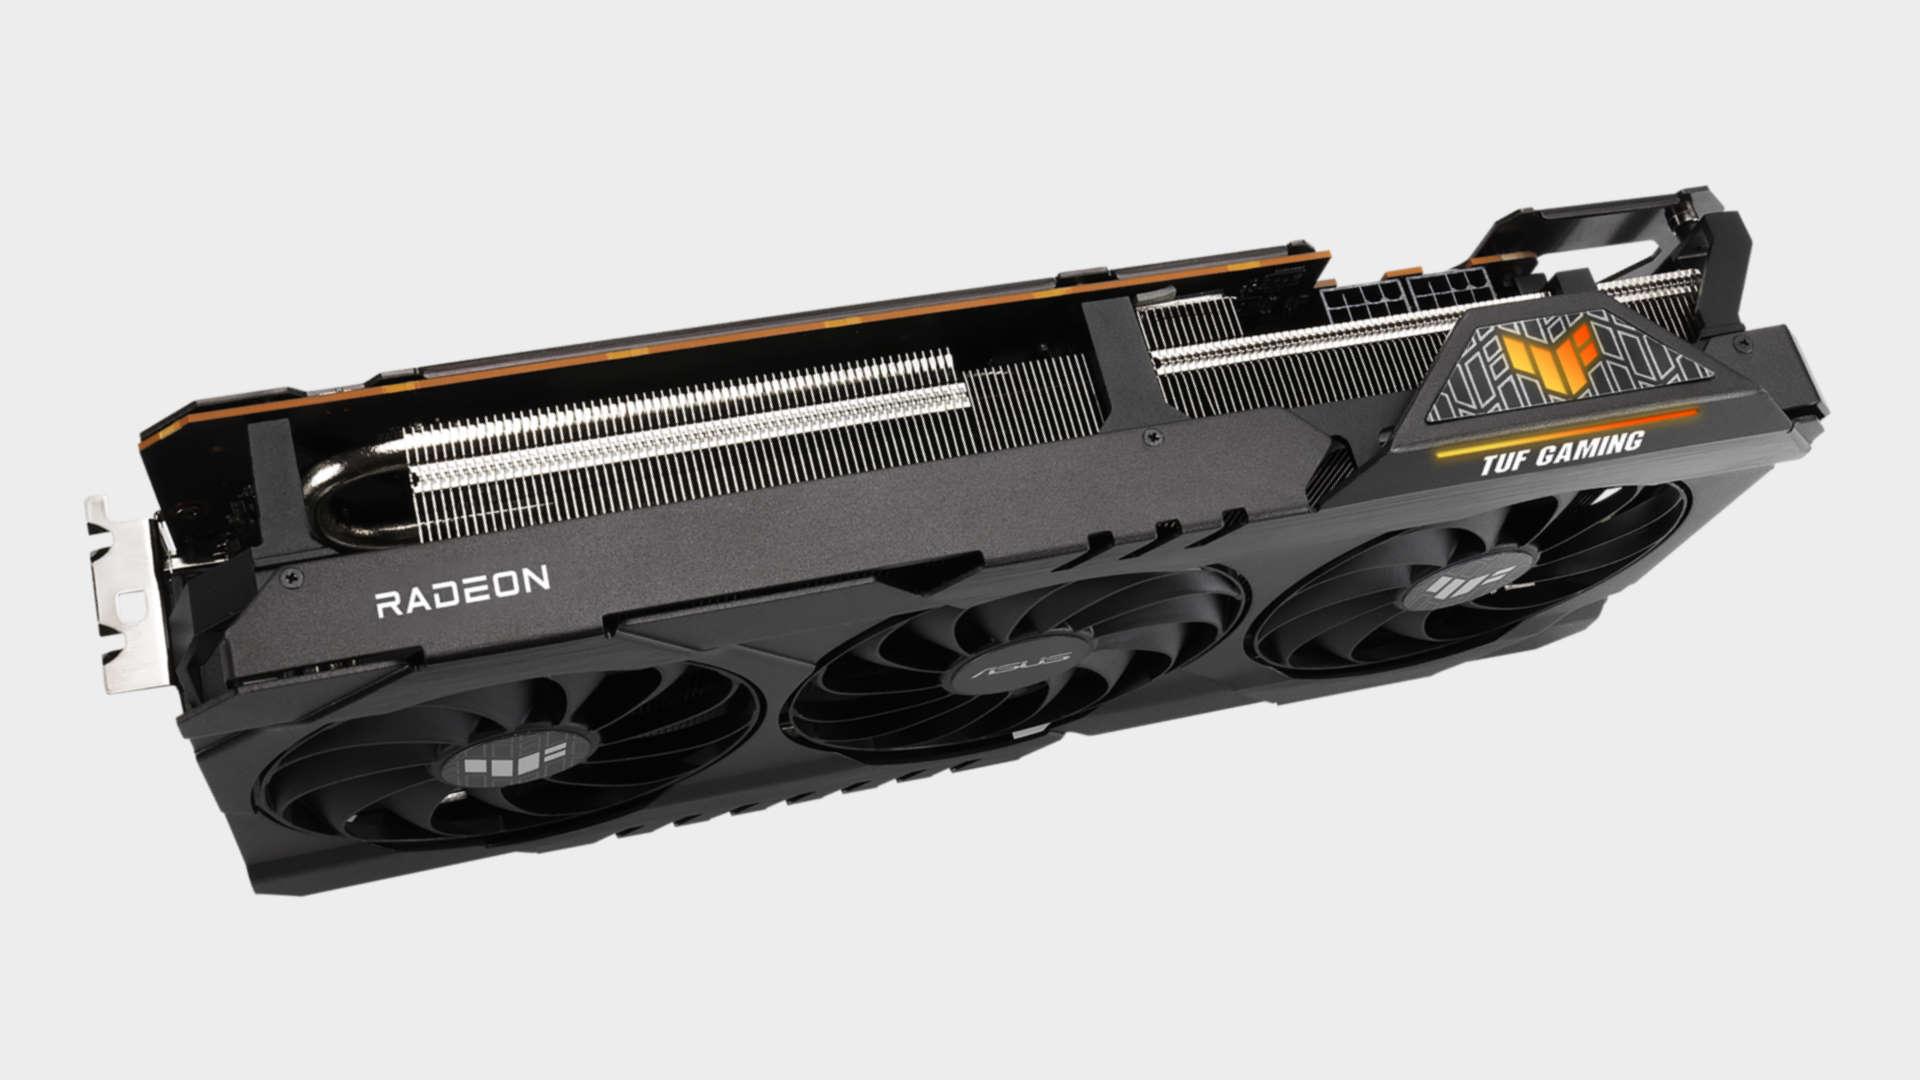 Asus TUF Gaming RX 6900 XT GPU